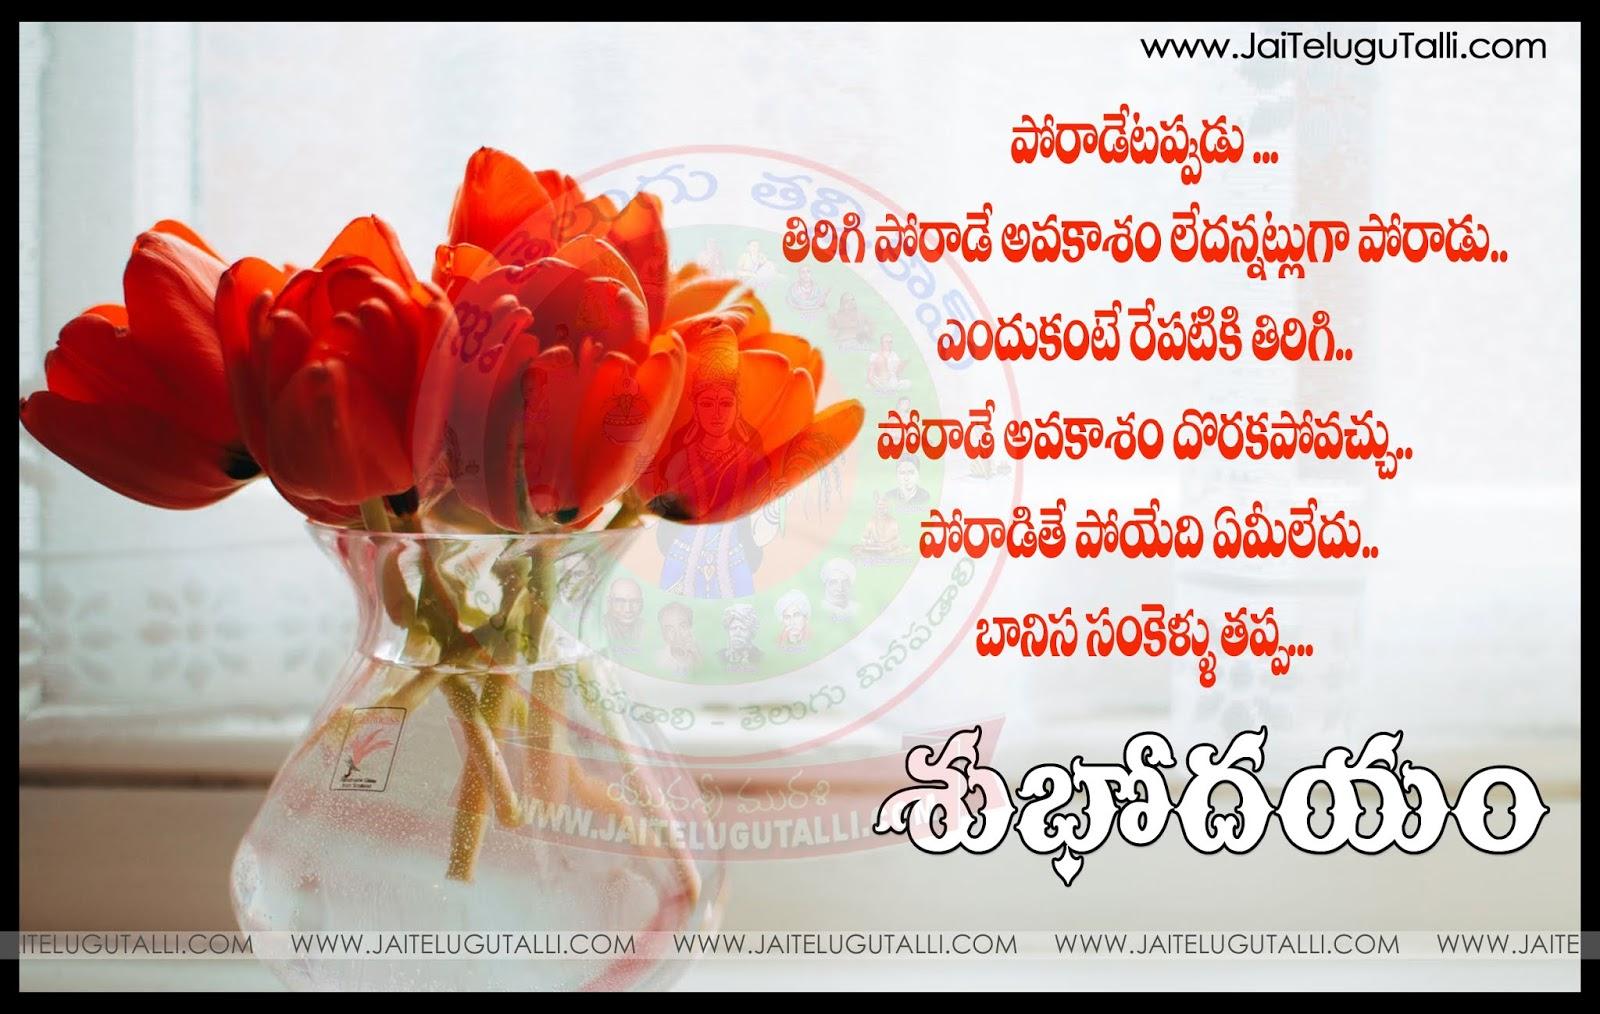 Telugu Subhodayam Kavithalfu Images Best Good Morning Greetings In